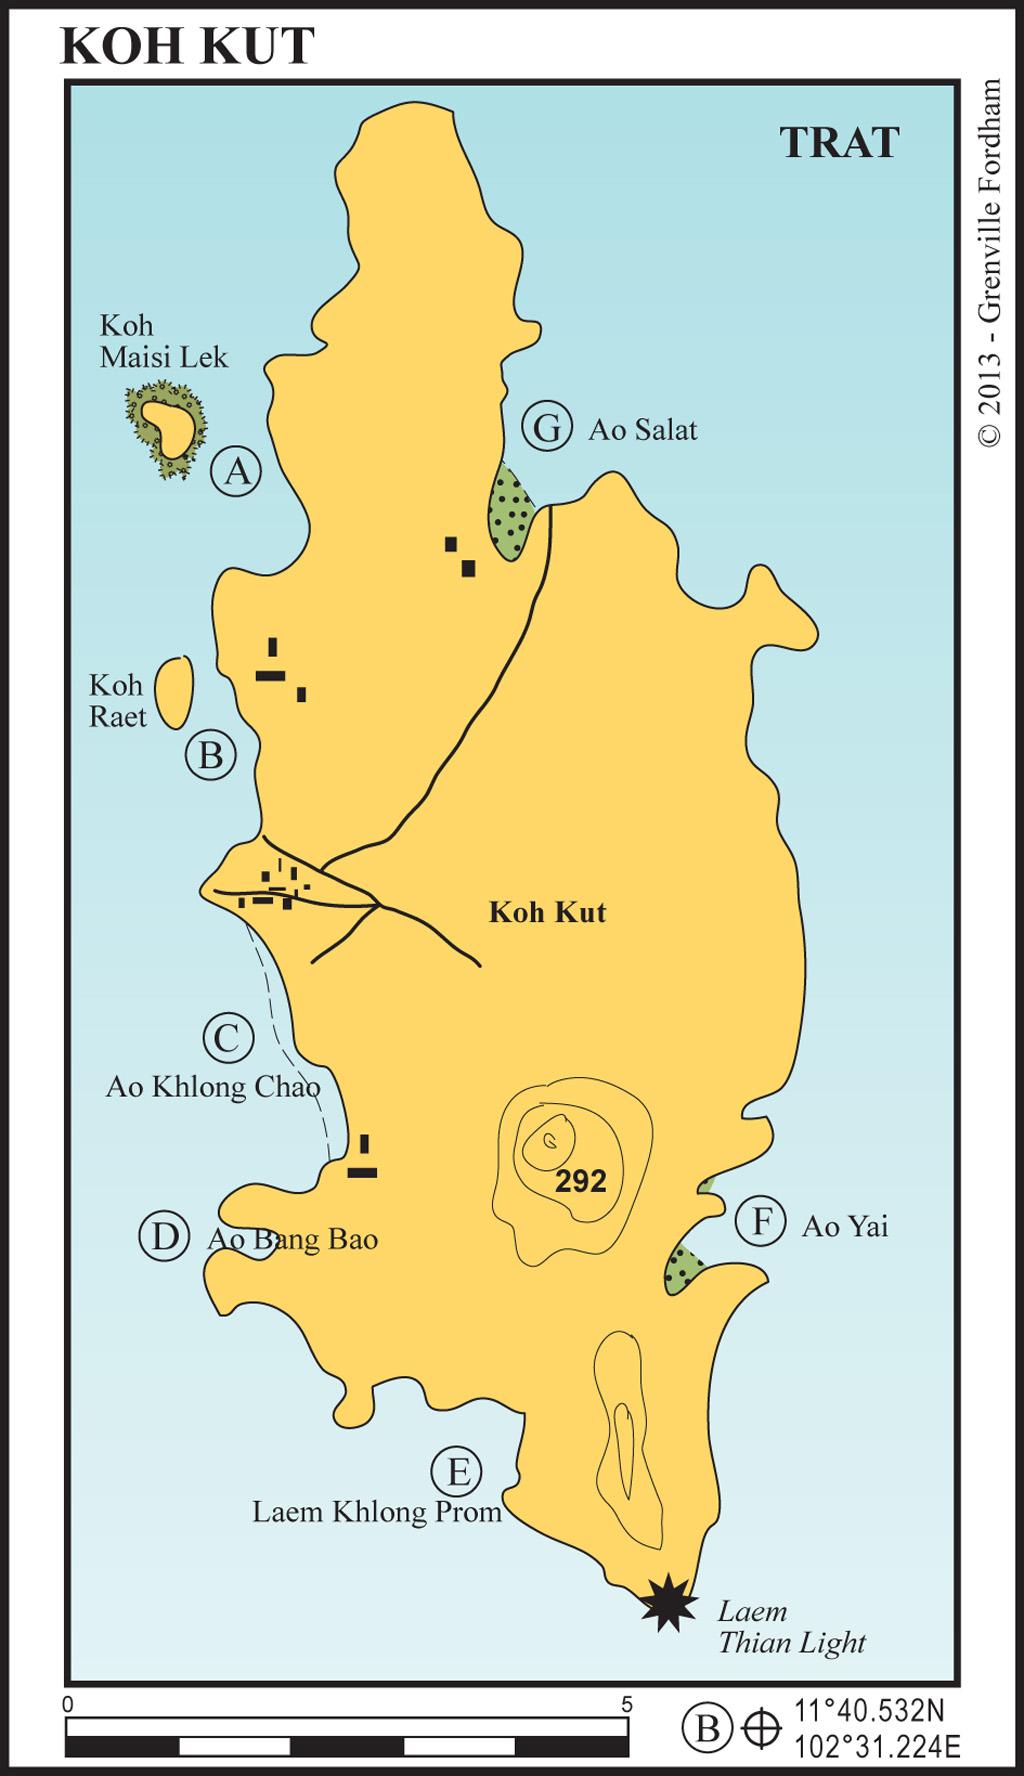 Koh Kut Archipelago